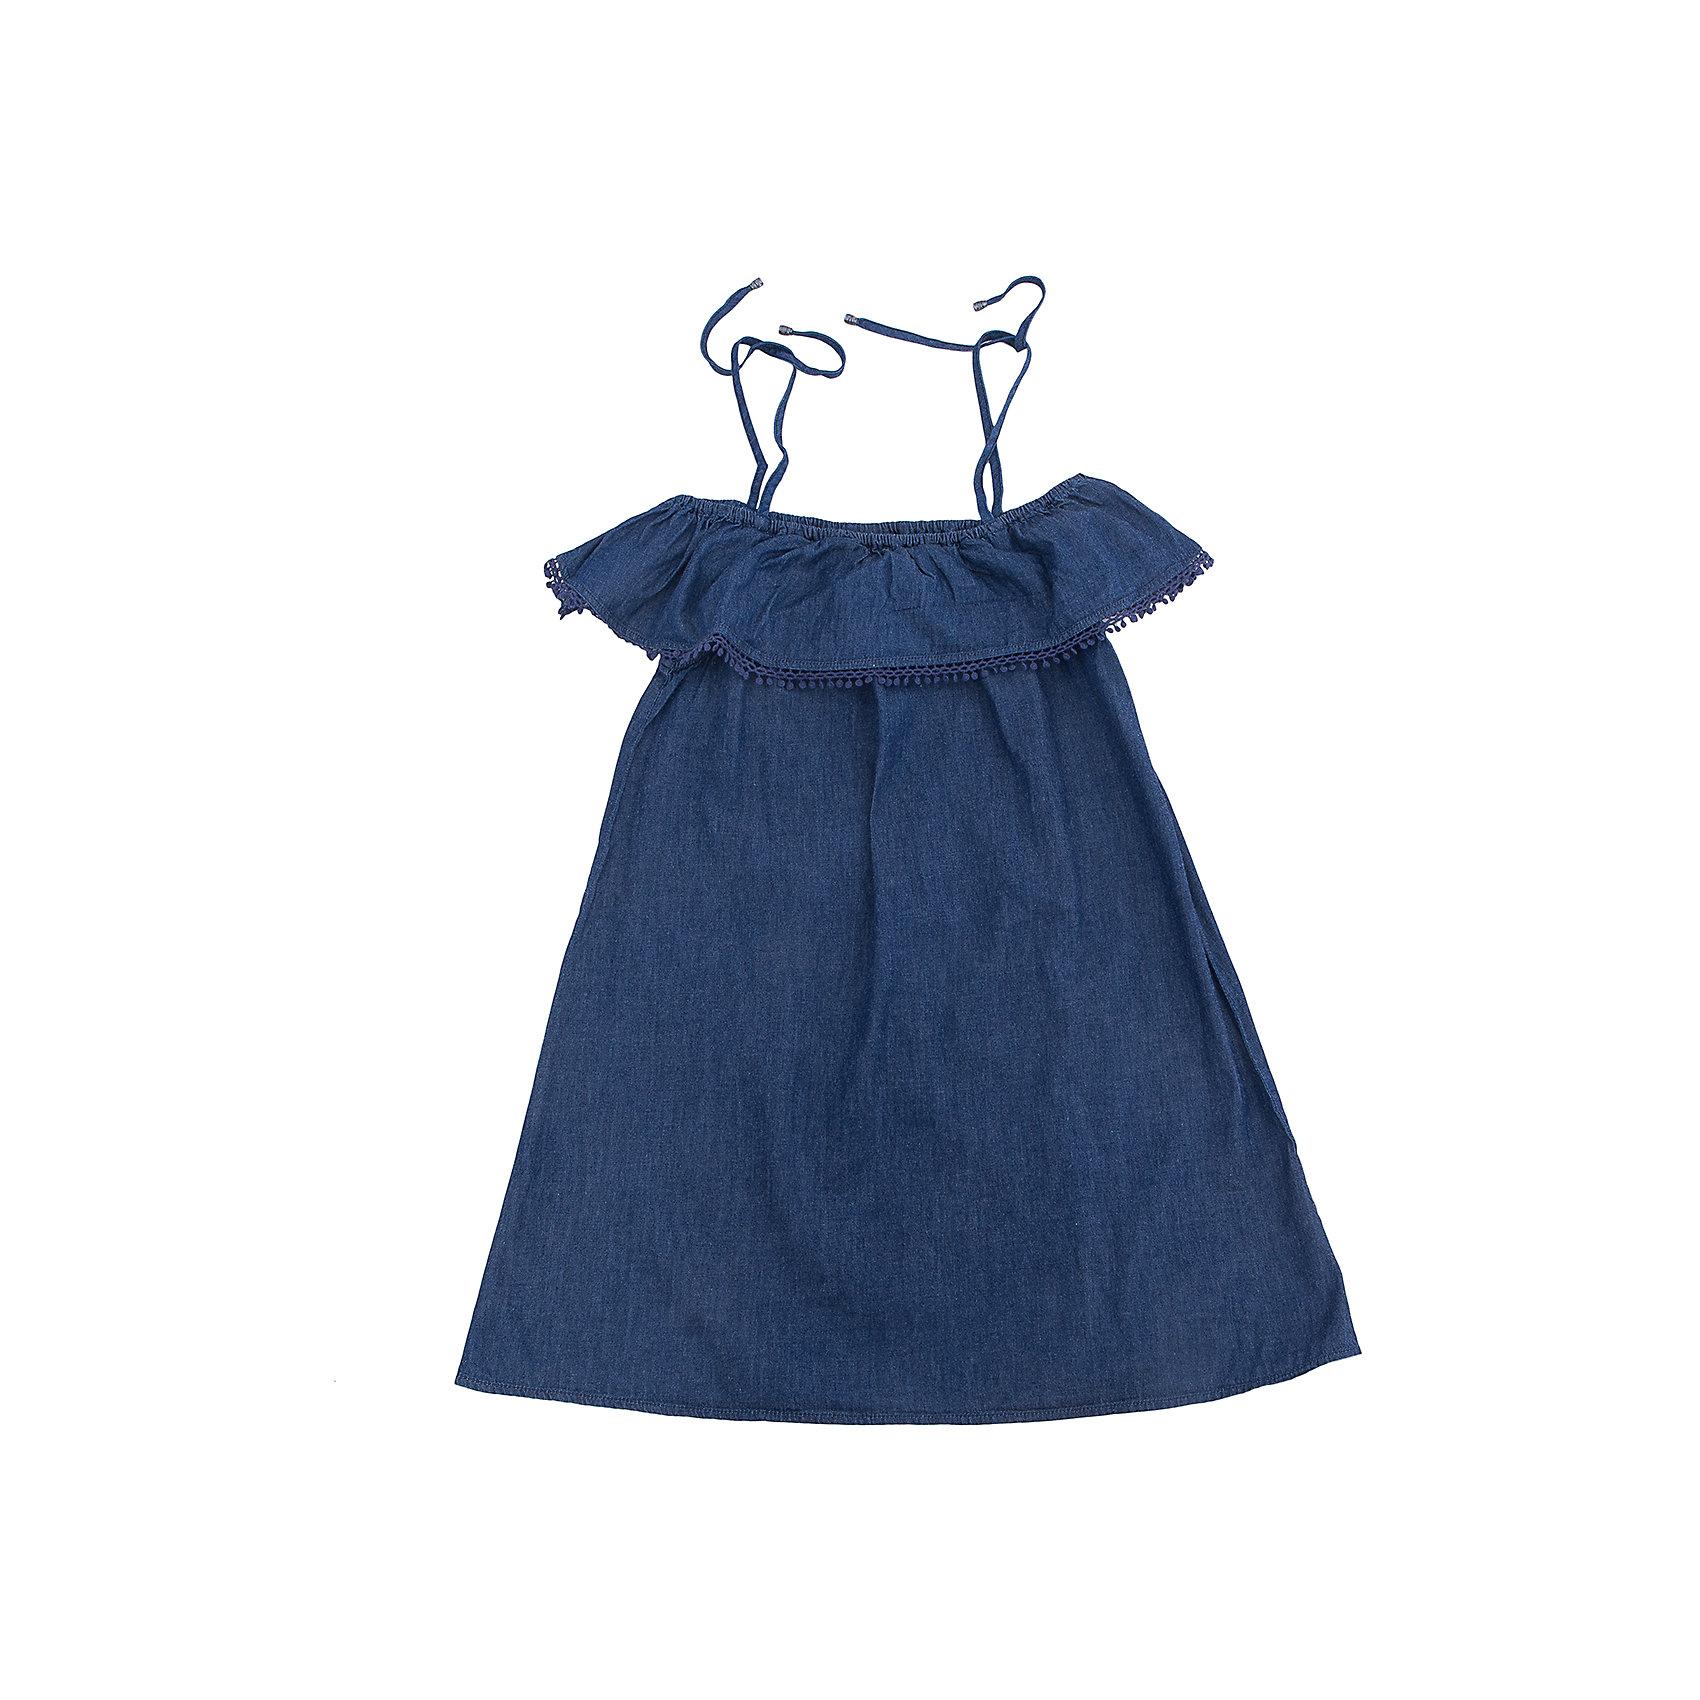 Платье для девочки SELAПлатья и сарафаны<br>Характеристики товара:<br><br>• цвет: синий<br>• сезон: лето<br>• состав: 100% хлопок<br>• декоировано кружевом<br>• длина выше колена<br>• открытые плчеи<br>• страна бренда: Россия<br><br>В новой коллекции SELA отличные модели одежды! Это платье для девочки поможет разнообразить гардероб ребенка и обеспечить комфорт. Оно отлично сочетается с различной обувью. <br><br>Одежда, обувь и аксессуары от российского бренда SELA не зря пользуются большой популярностью у детей и взрослых! Модели этой марки - стильные и удобные, цена при этом неизменно остается доступной. Для их производства используются только безопасные, качественные материалы и фурнитура.<br><br>Платье для девочки от популярного бренда SELA (СЕЛА) можно купить в нашем интернет-магазине.<br><br>Ширина мм: 236<br>Глубина мм: 16<br>Высота мм: 184<br>Вес г: 177<br>Цвет: синий джинс<br>Возраст от месяцев: 132<br>Возраст до месяцев: 144<br>Пол: Женский<br>Возраст: Детский<br>Размер: 152,134,140,146,122,128<br>SKU: 5305279